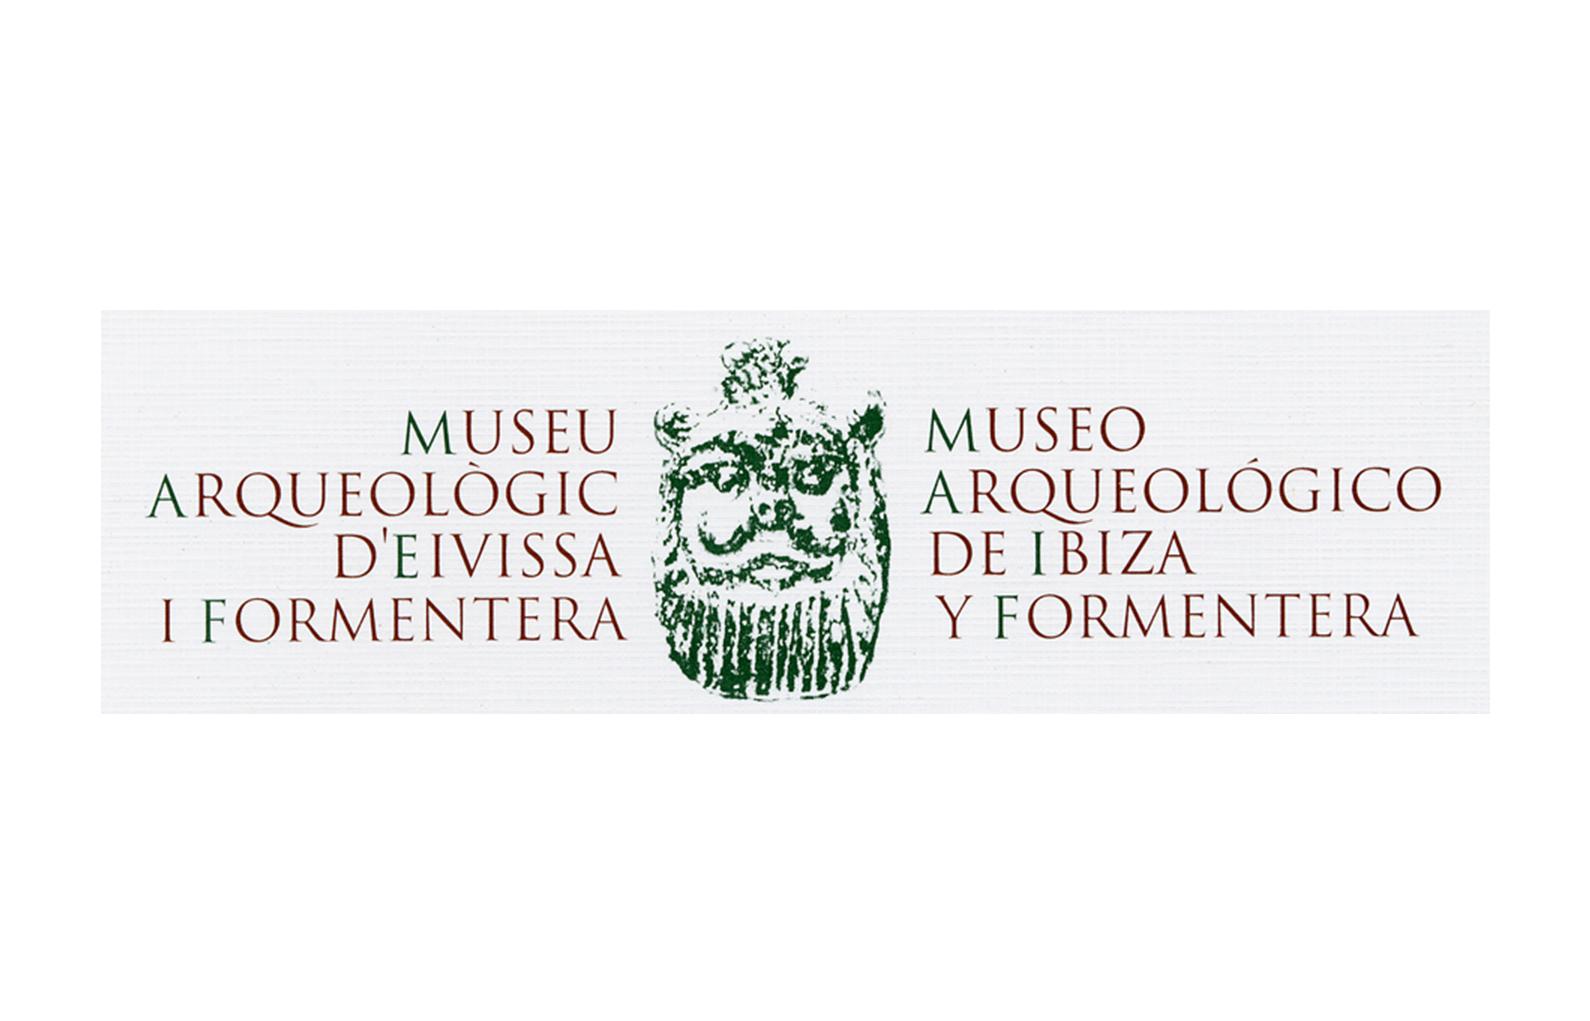 Museu Arqueològic d'Eivissa i Formentera